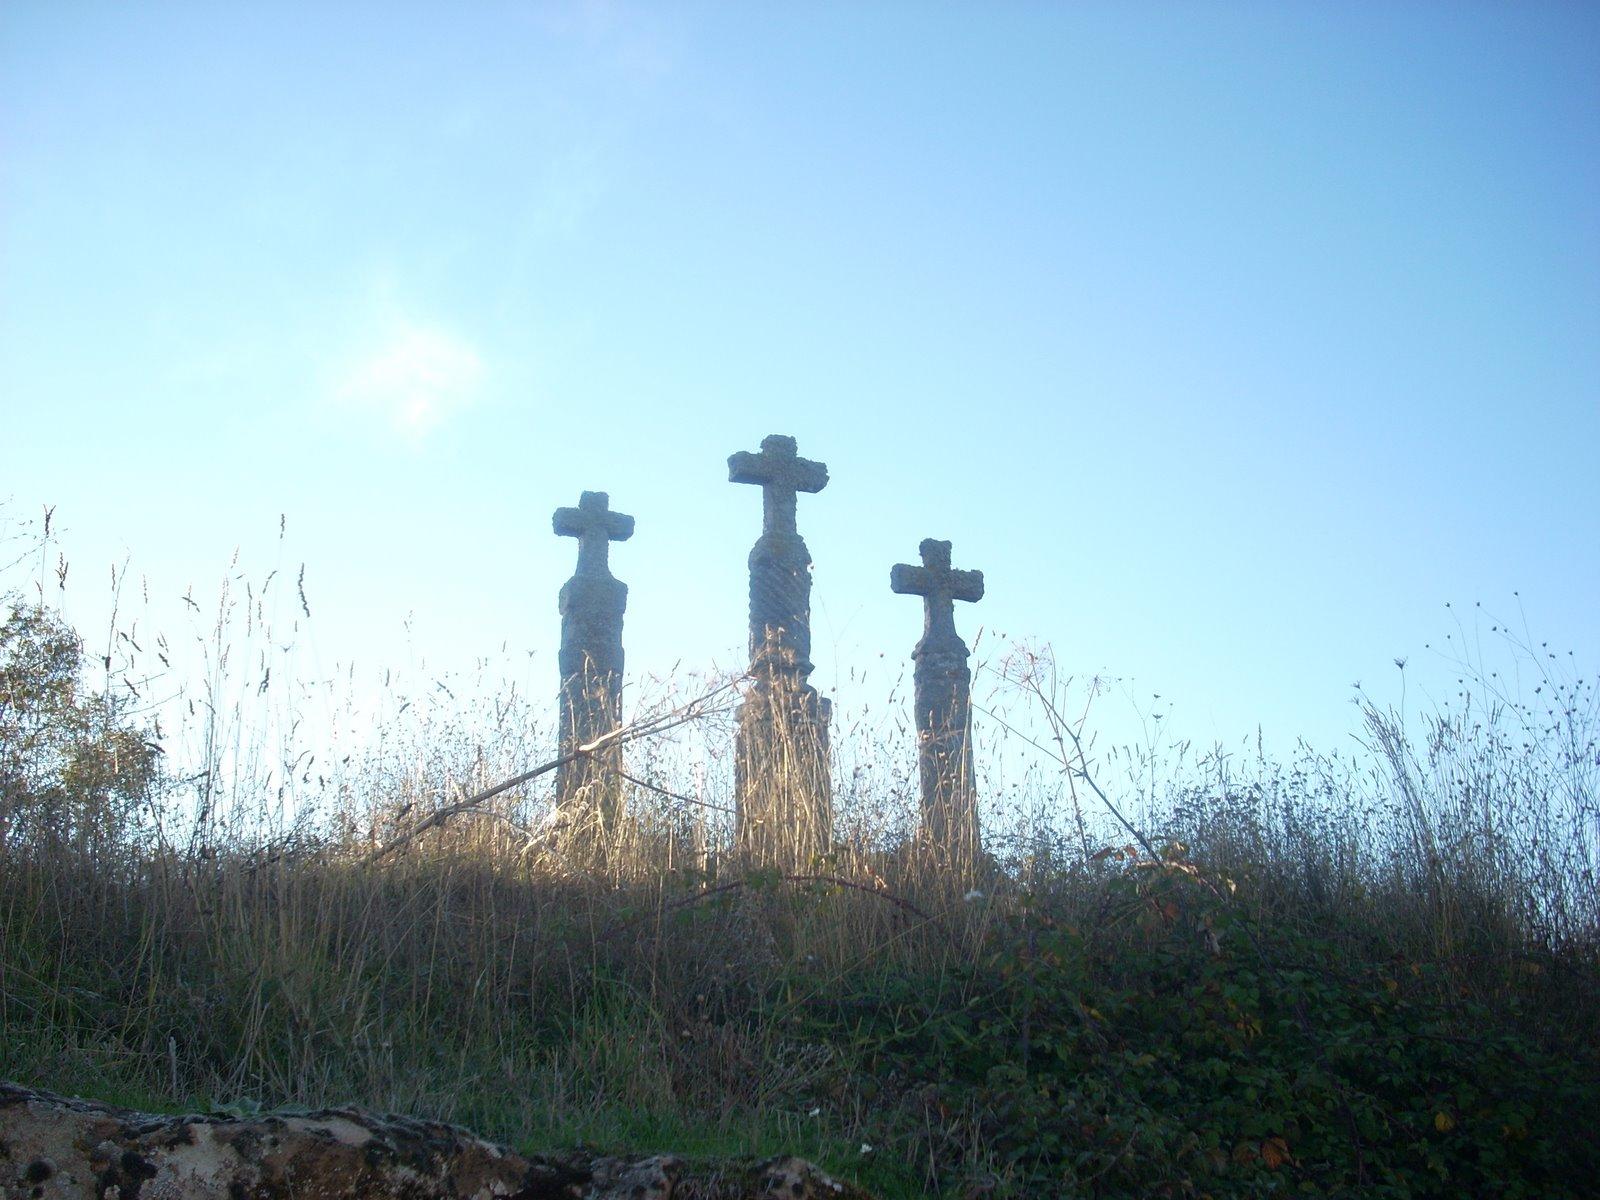 Romanillos de Medinaceli